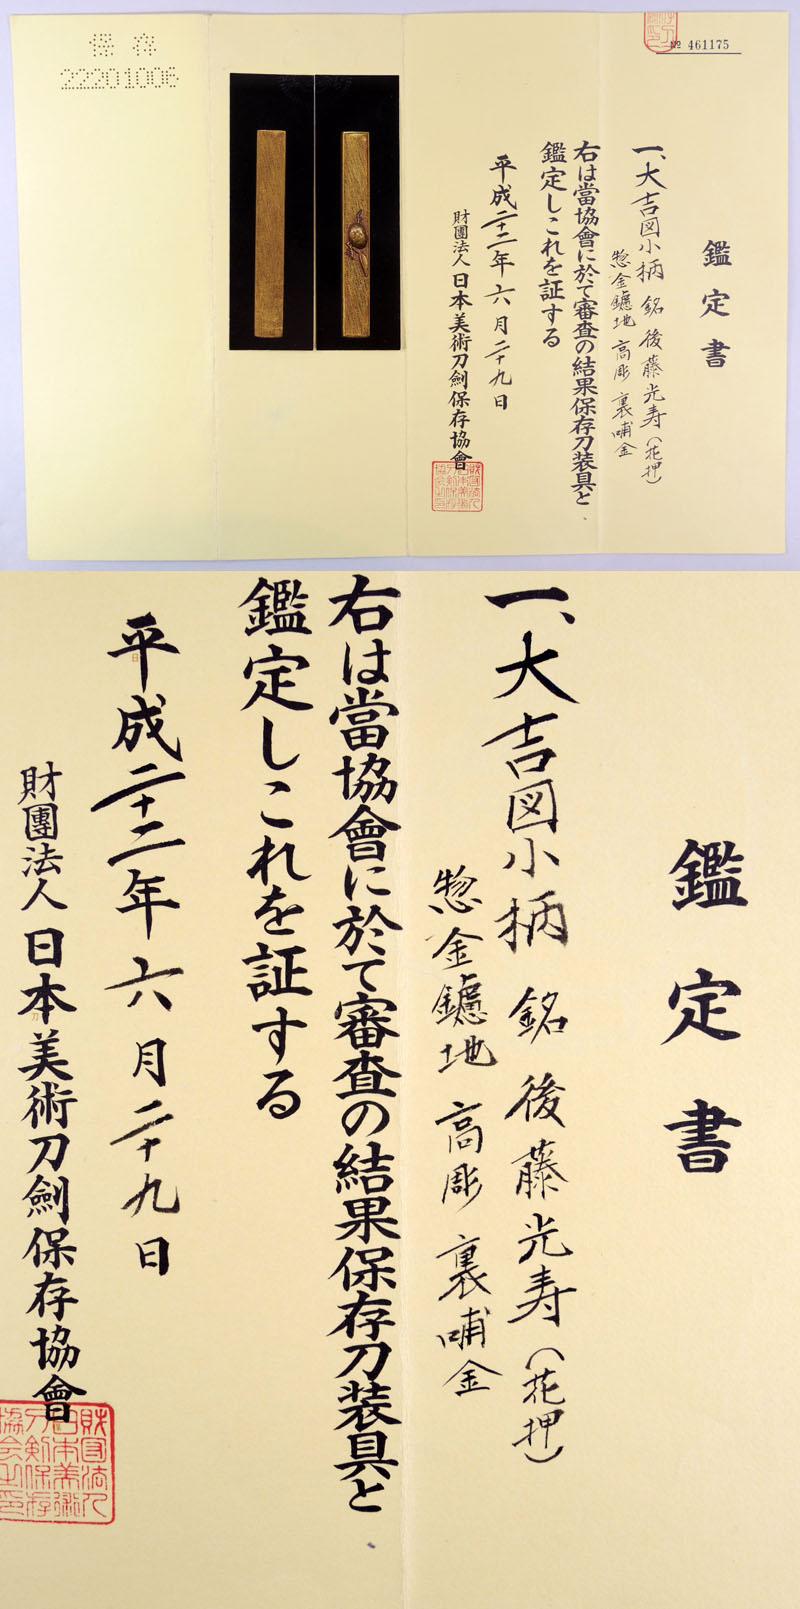 大吉図小柄 後藤光寿(花押)(後藤宗家十一代) Picture of Certificate